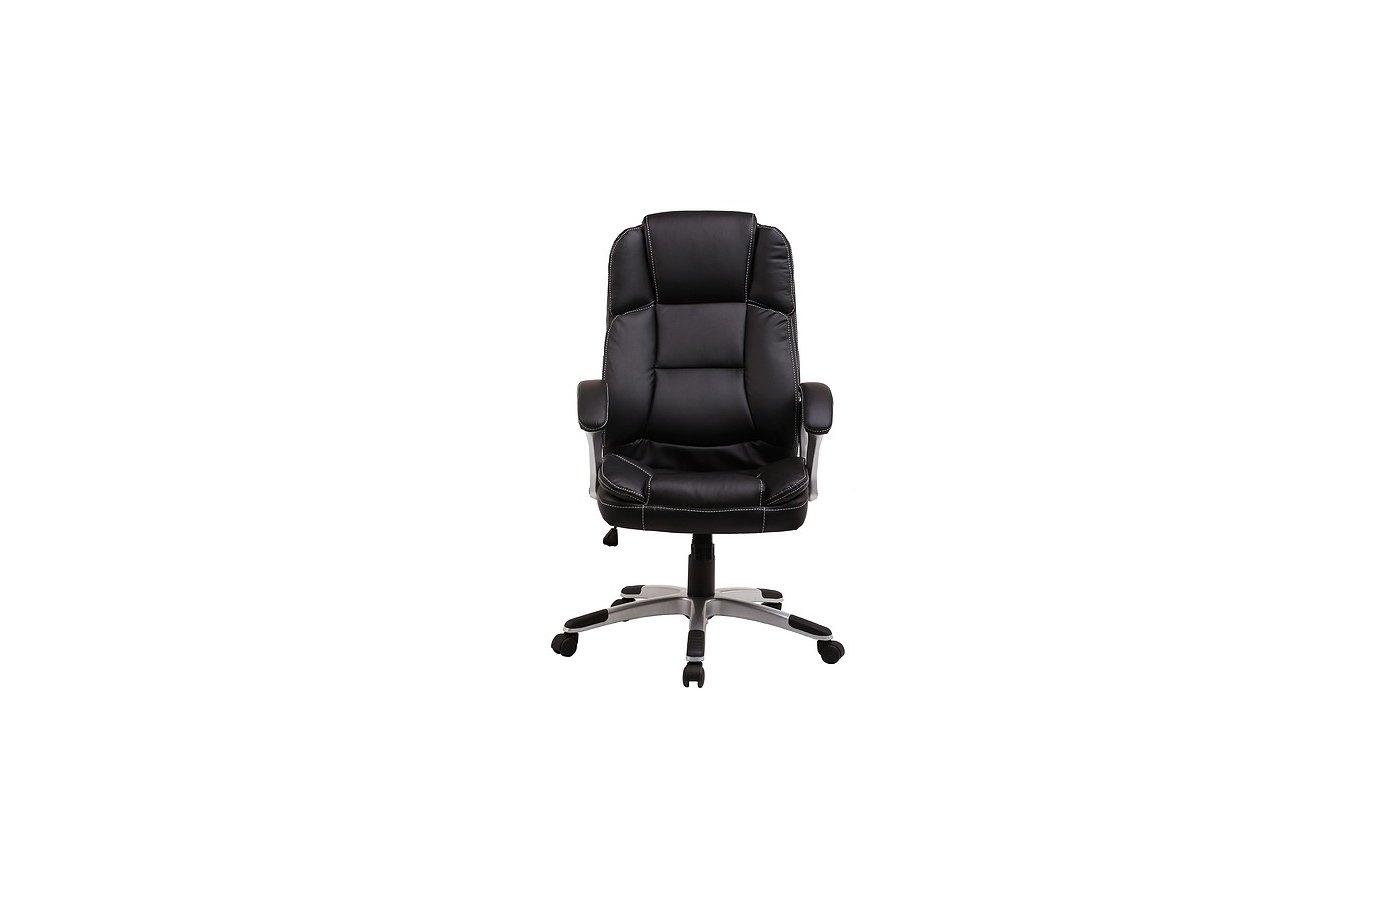 College Кресло руководителя BX-3233 Черный, экокожа, 120 кг, подл. пластик/кожа, крест. пластик с вс